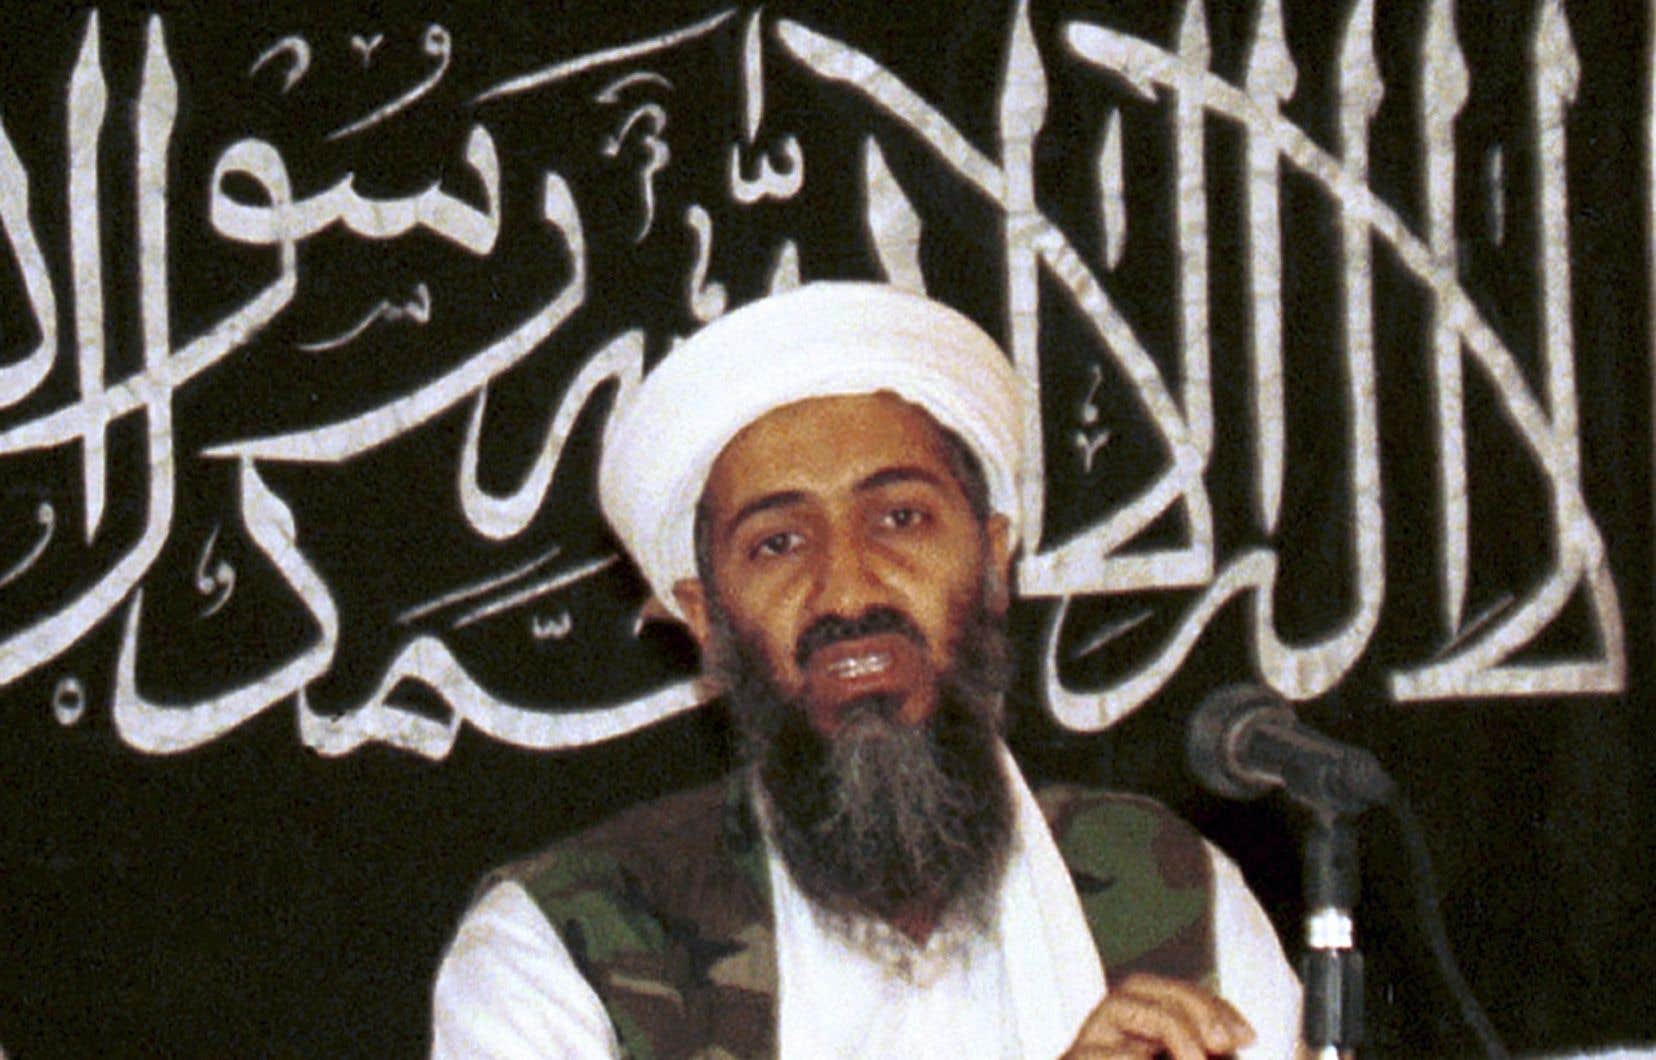 La CIA a mis en ligne 470 000 fichiers supplémentaires saisis en mai 2011 quand l'armée américaine a fait irruption dans un complexe d'Abbottabad, ville de garnison pakistanaise, et abattu Ben Laden.